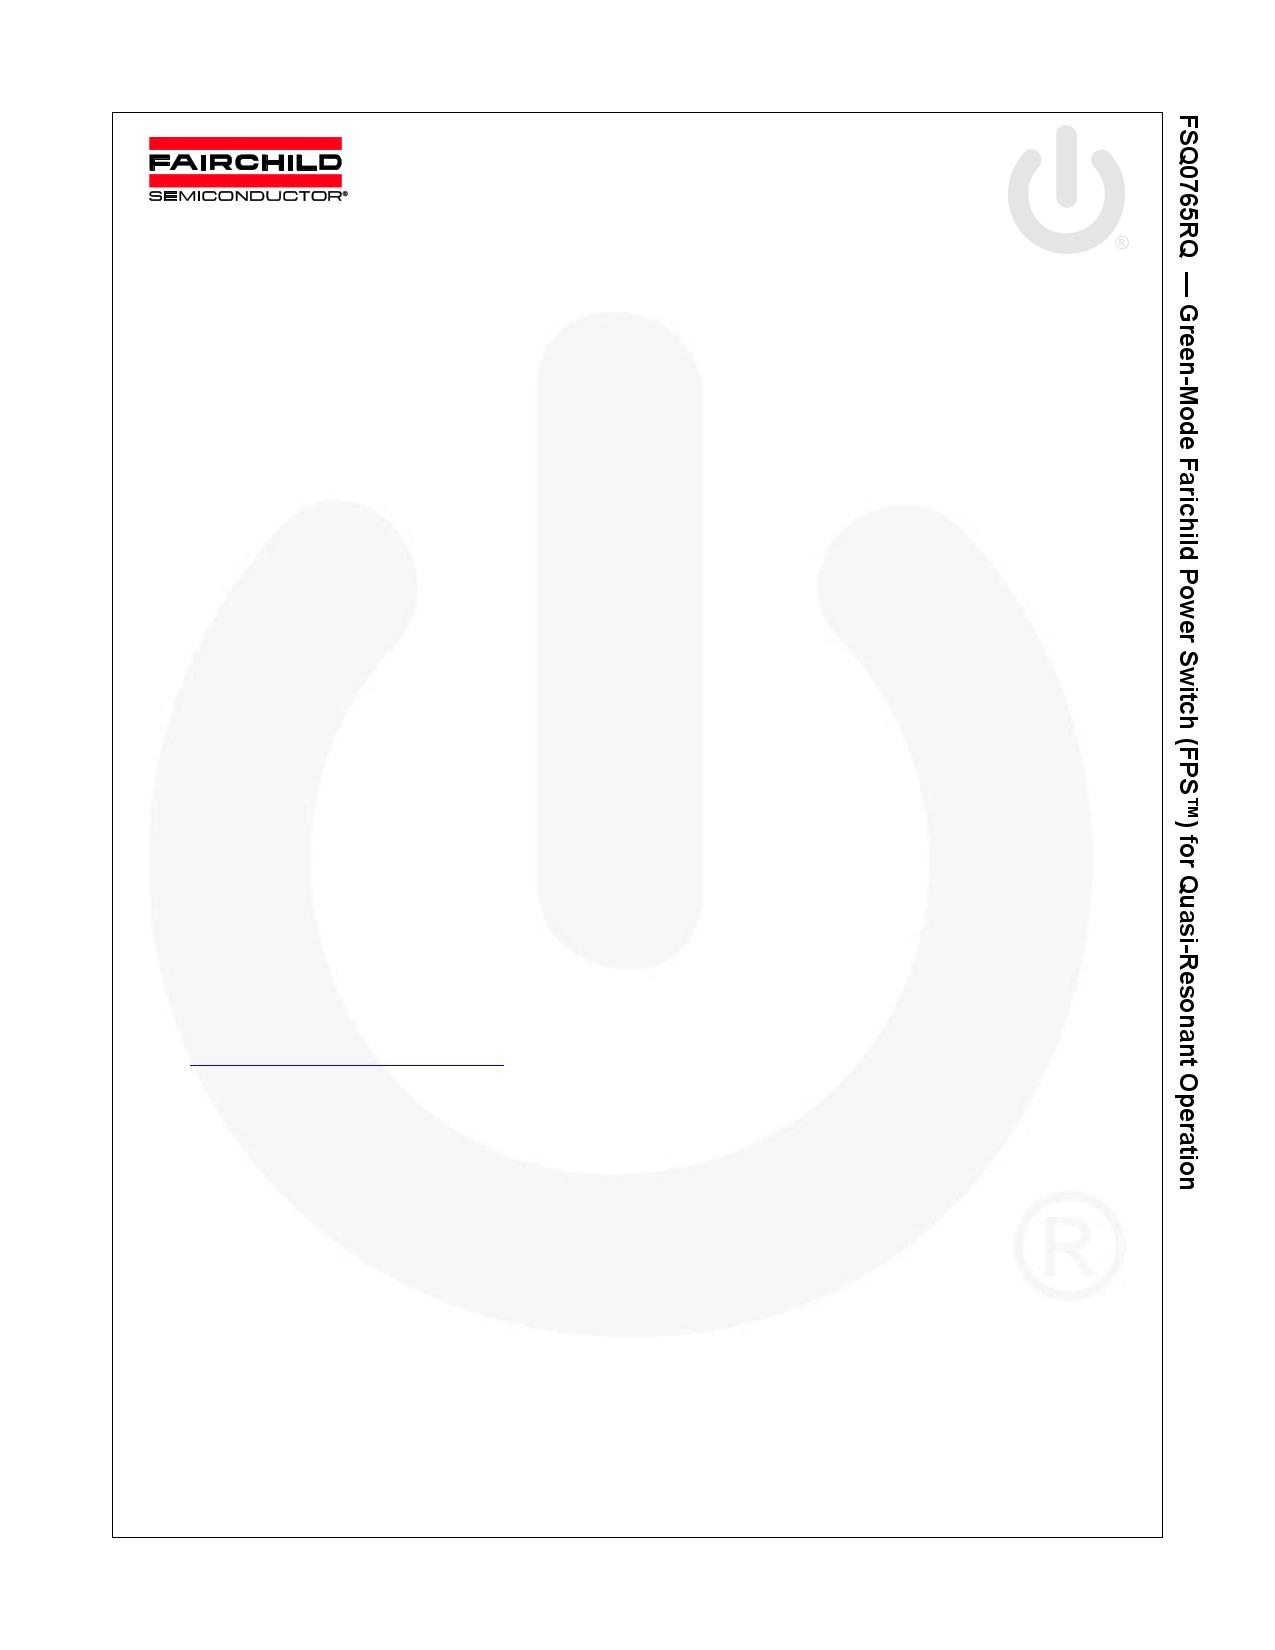 Q0765RQ datasheet